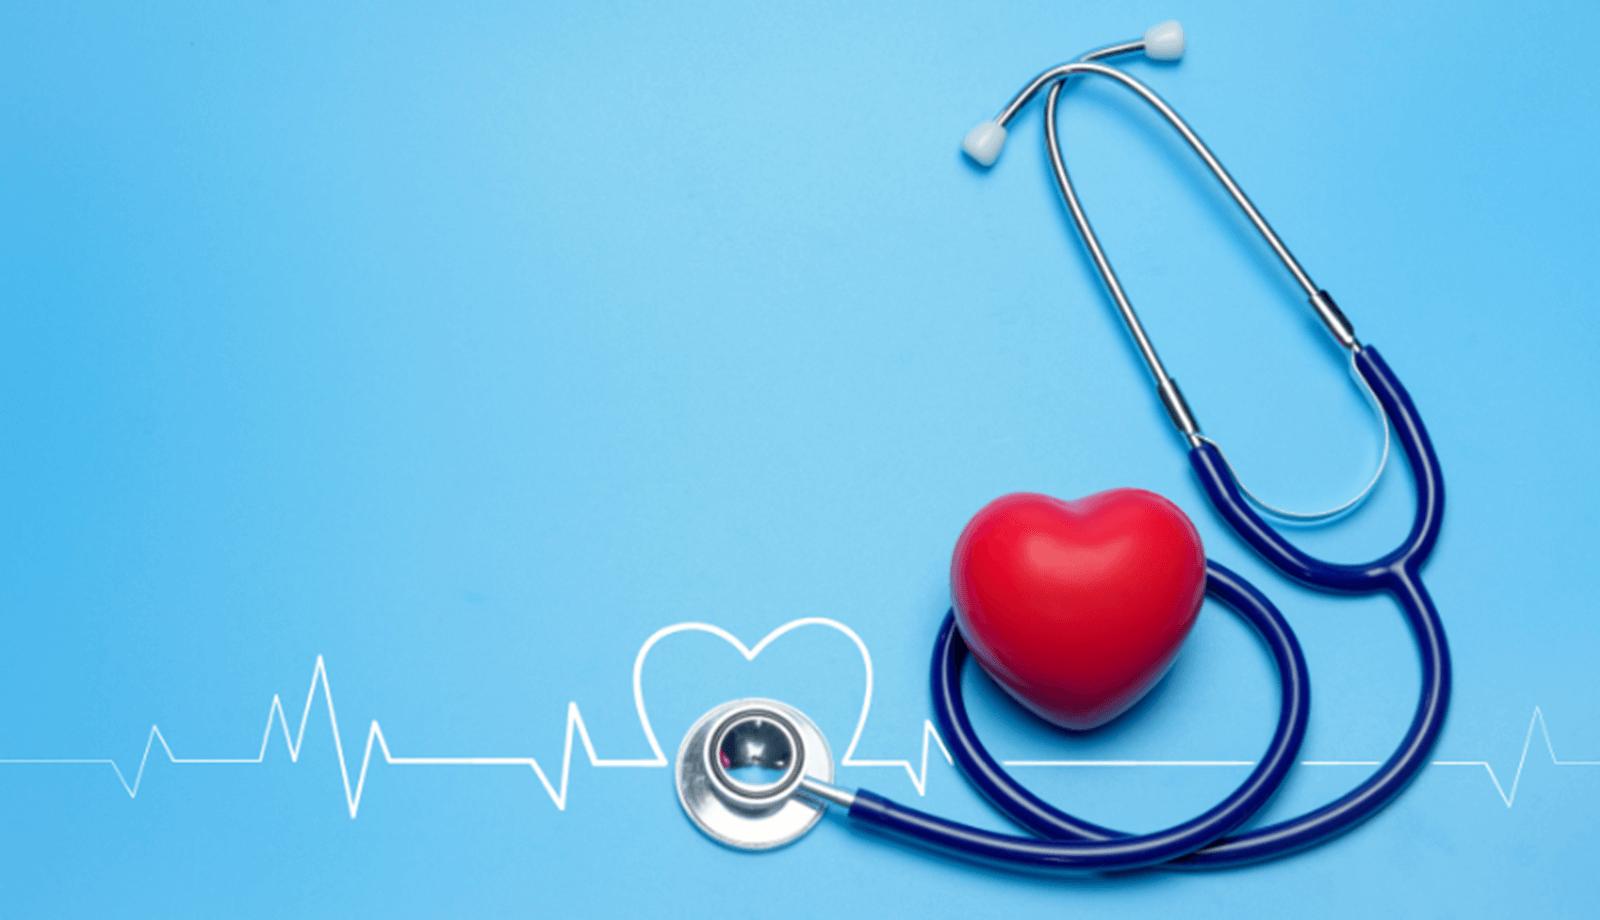 hogyan kezelik a magas vérnyomást öt tinktúra összetétele magas vérnyomás esetén